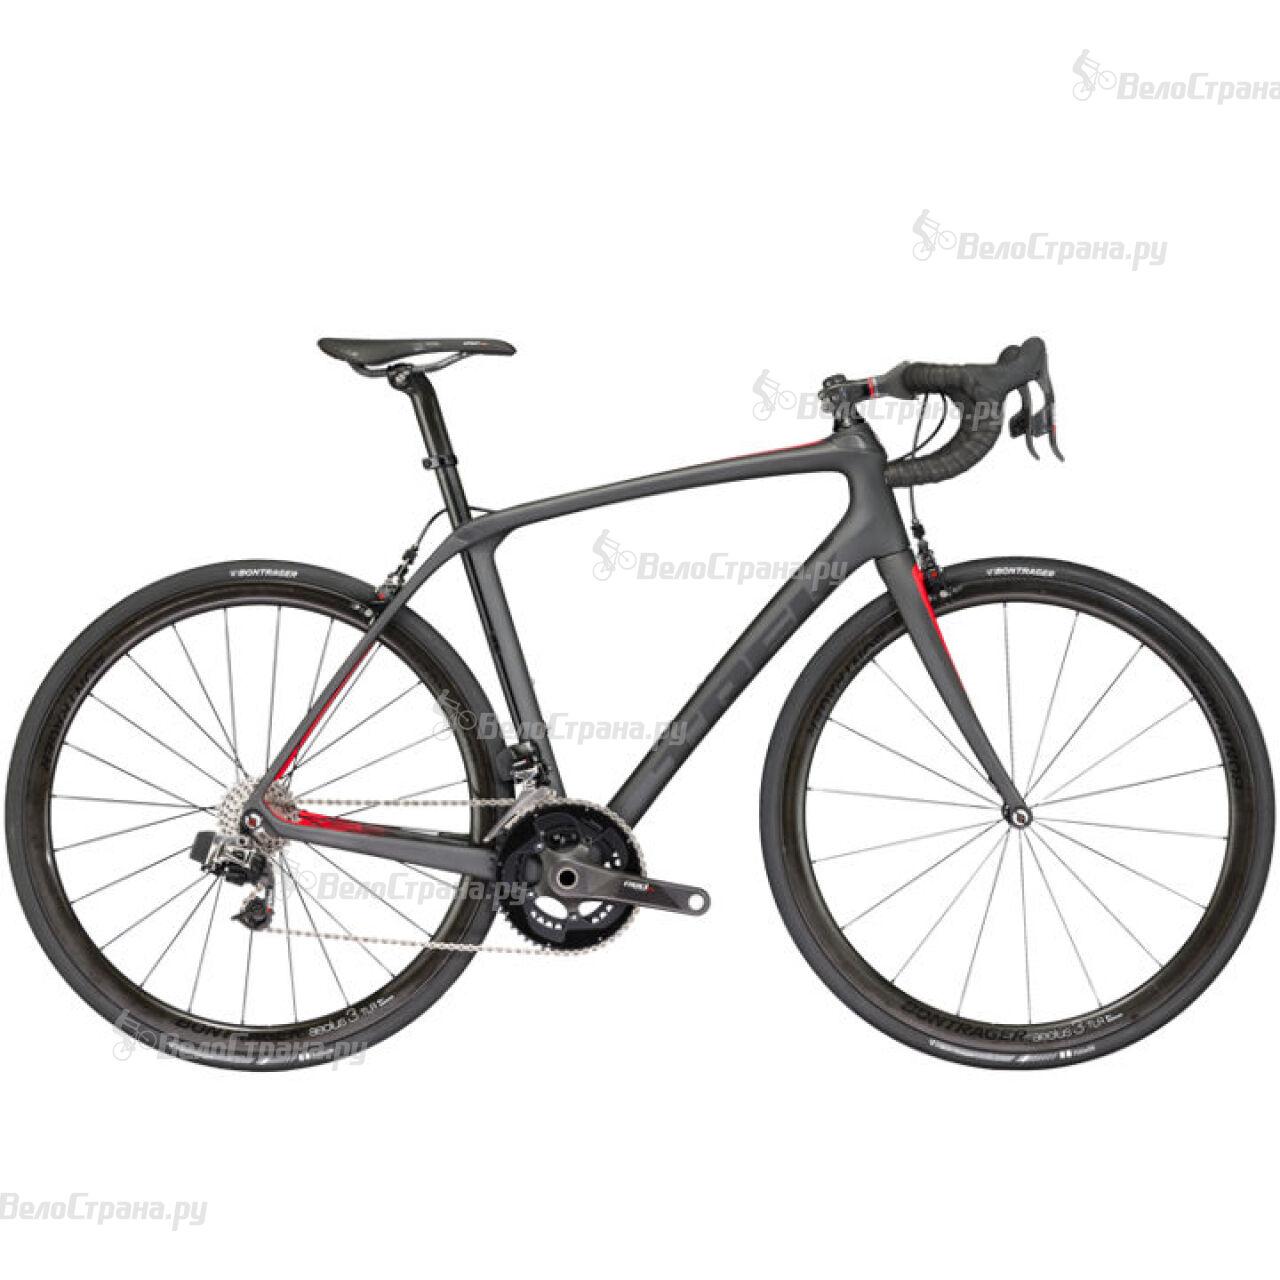 Велосипед Trek Domane SLR 9 eTap (2017)